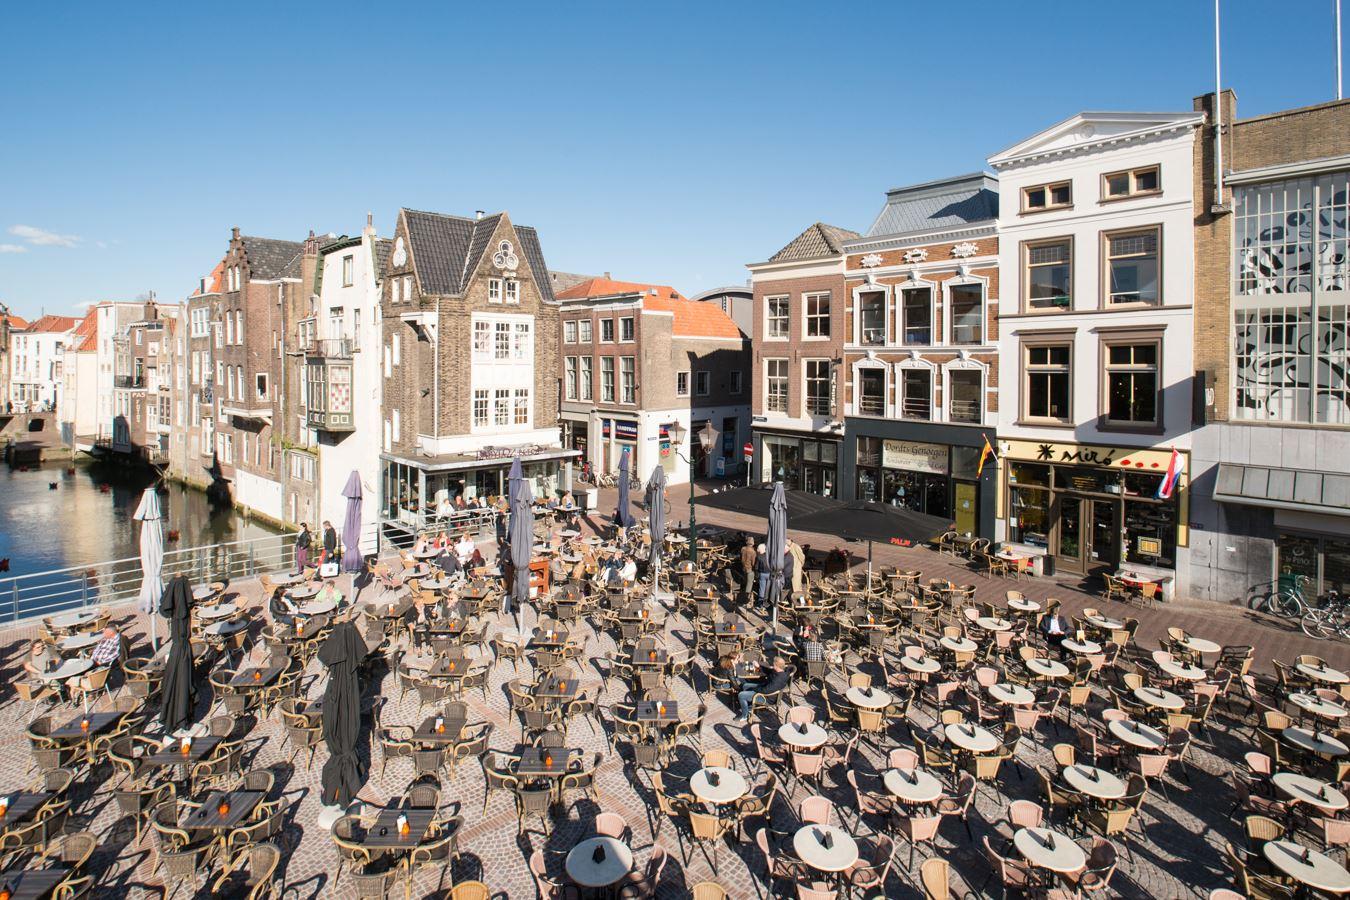 Dordrecht zoek verhuurd kolfstraat 2 a 3311 xl for Kruidvat dordrecht